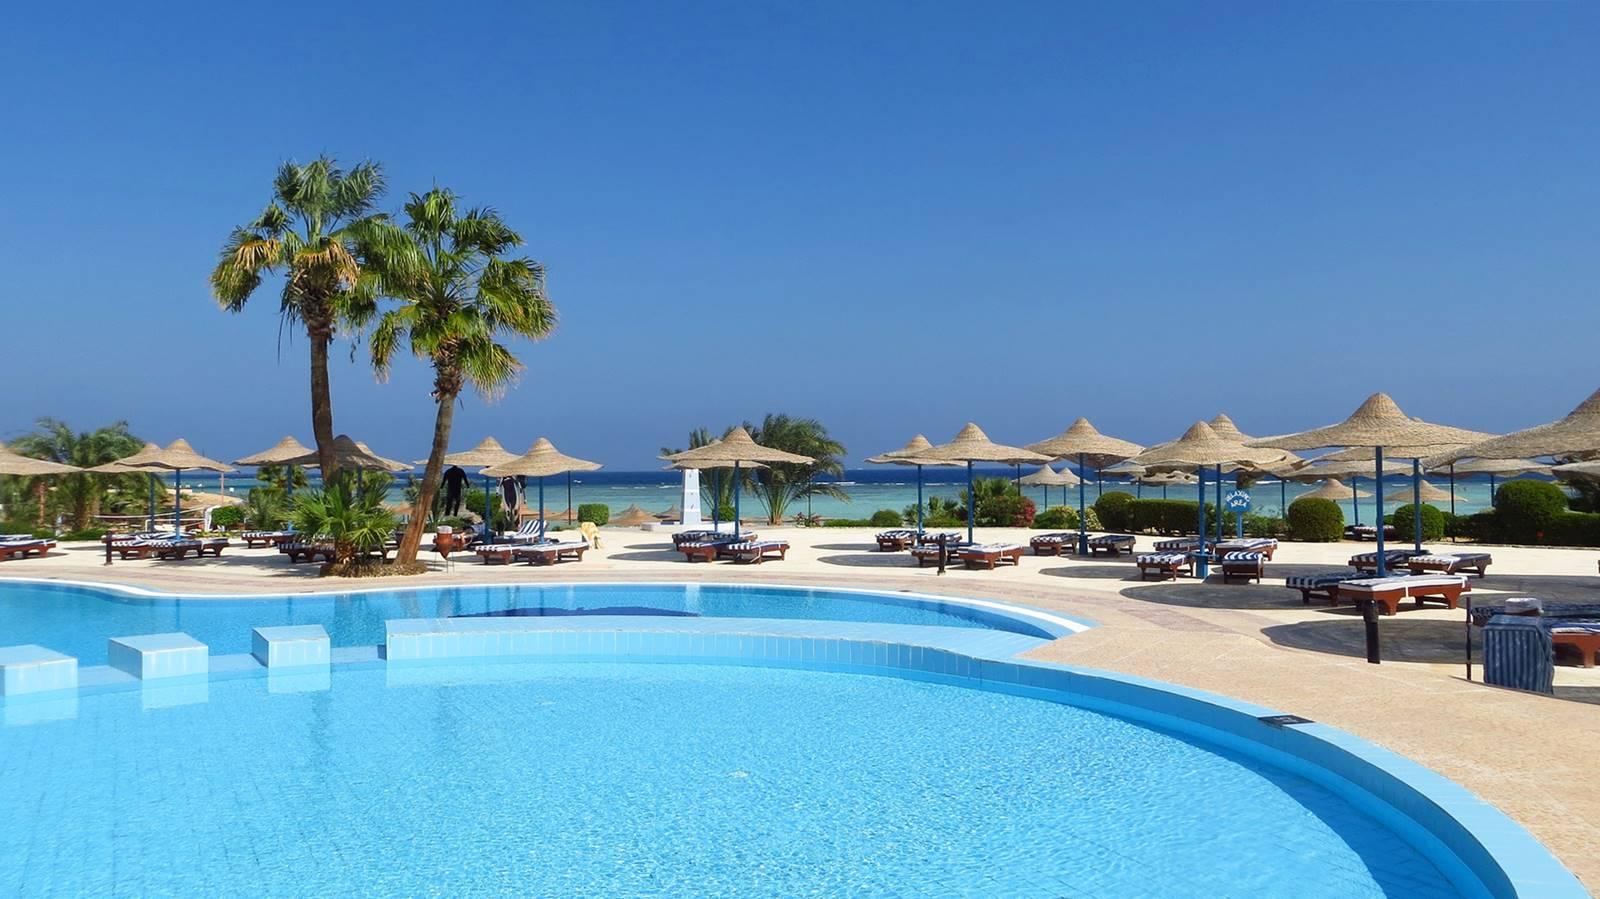 聖靈群島-艾爾利海灘-Airlie-Beach-住宿-推薦-飯店-旅館-酒店-民宿-公寓-市區-自由行-便宜-澳洲-Best-Hotel-Whitsundays